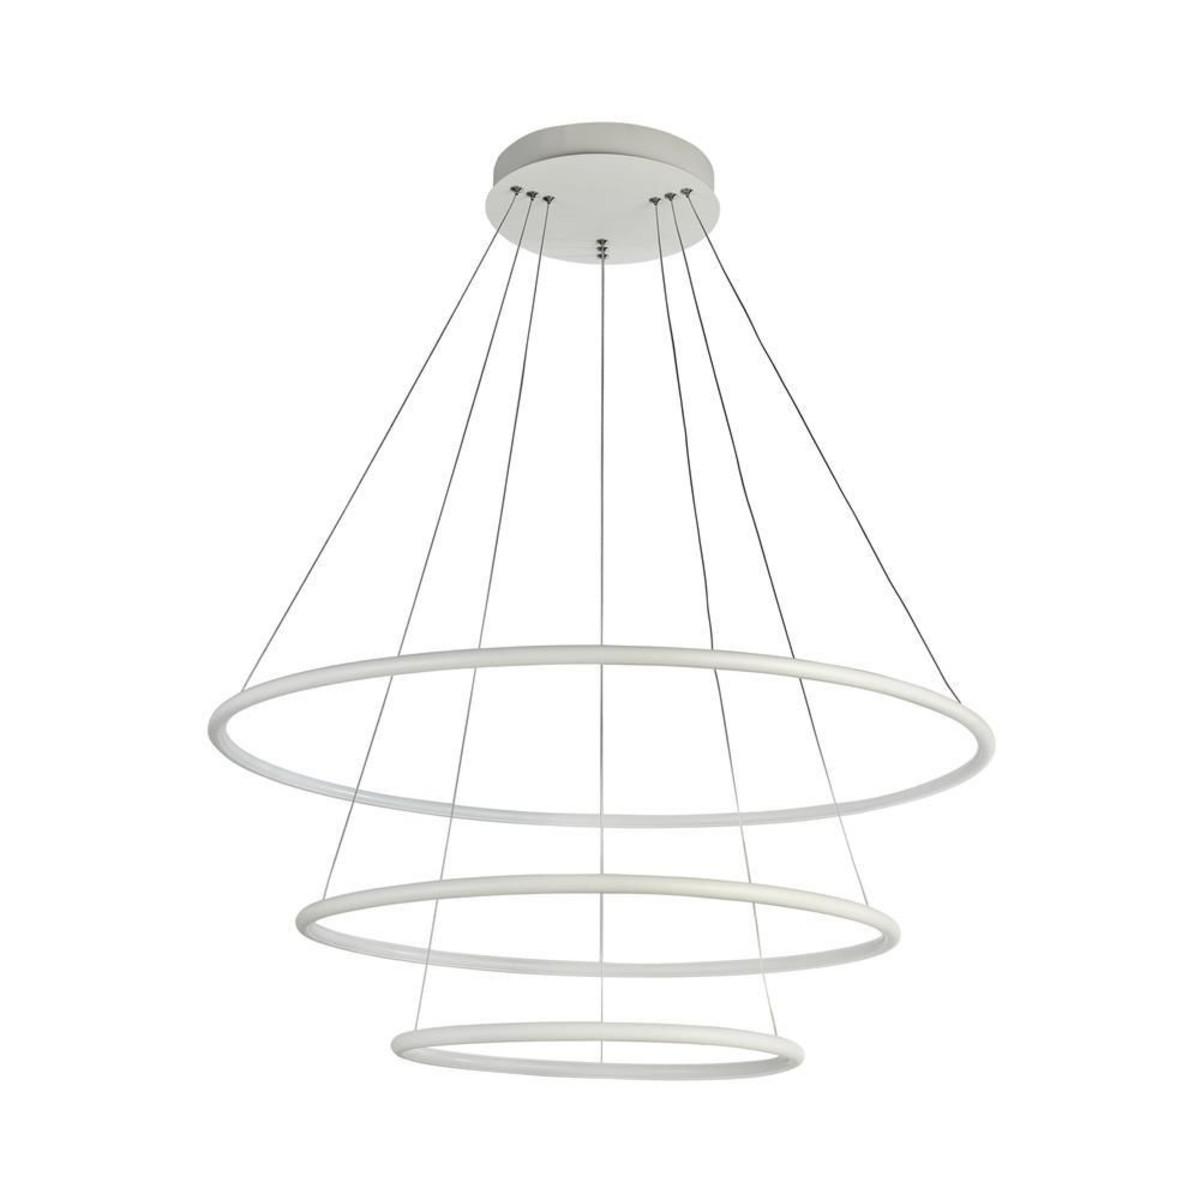 Подвесной светильник Maytoni Nola MOD807-PL-03-110-W 1 ламп м²